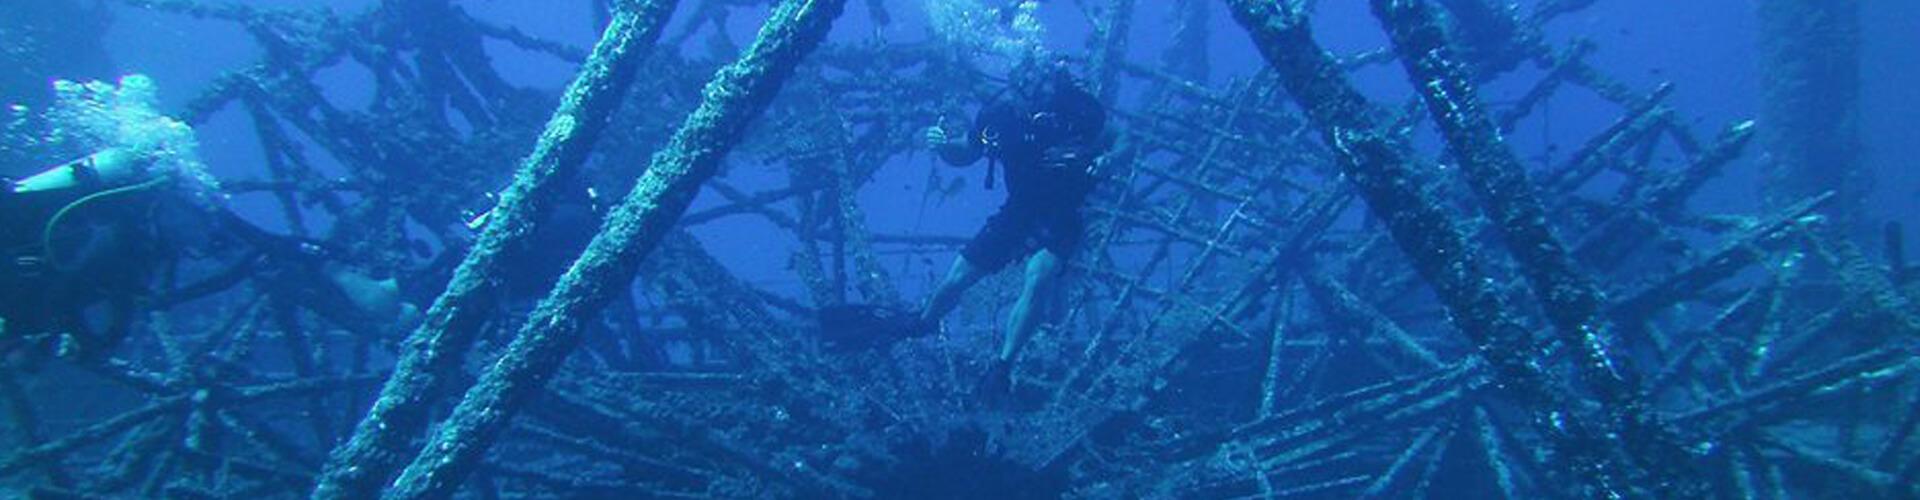 Dive The Vandenberg, Key West, FL